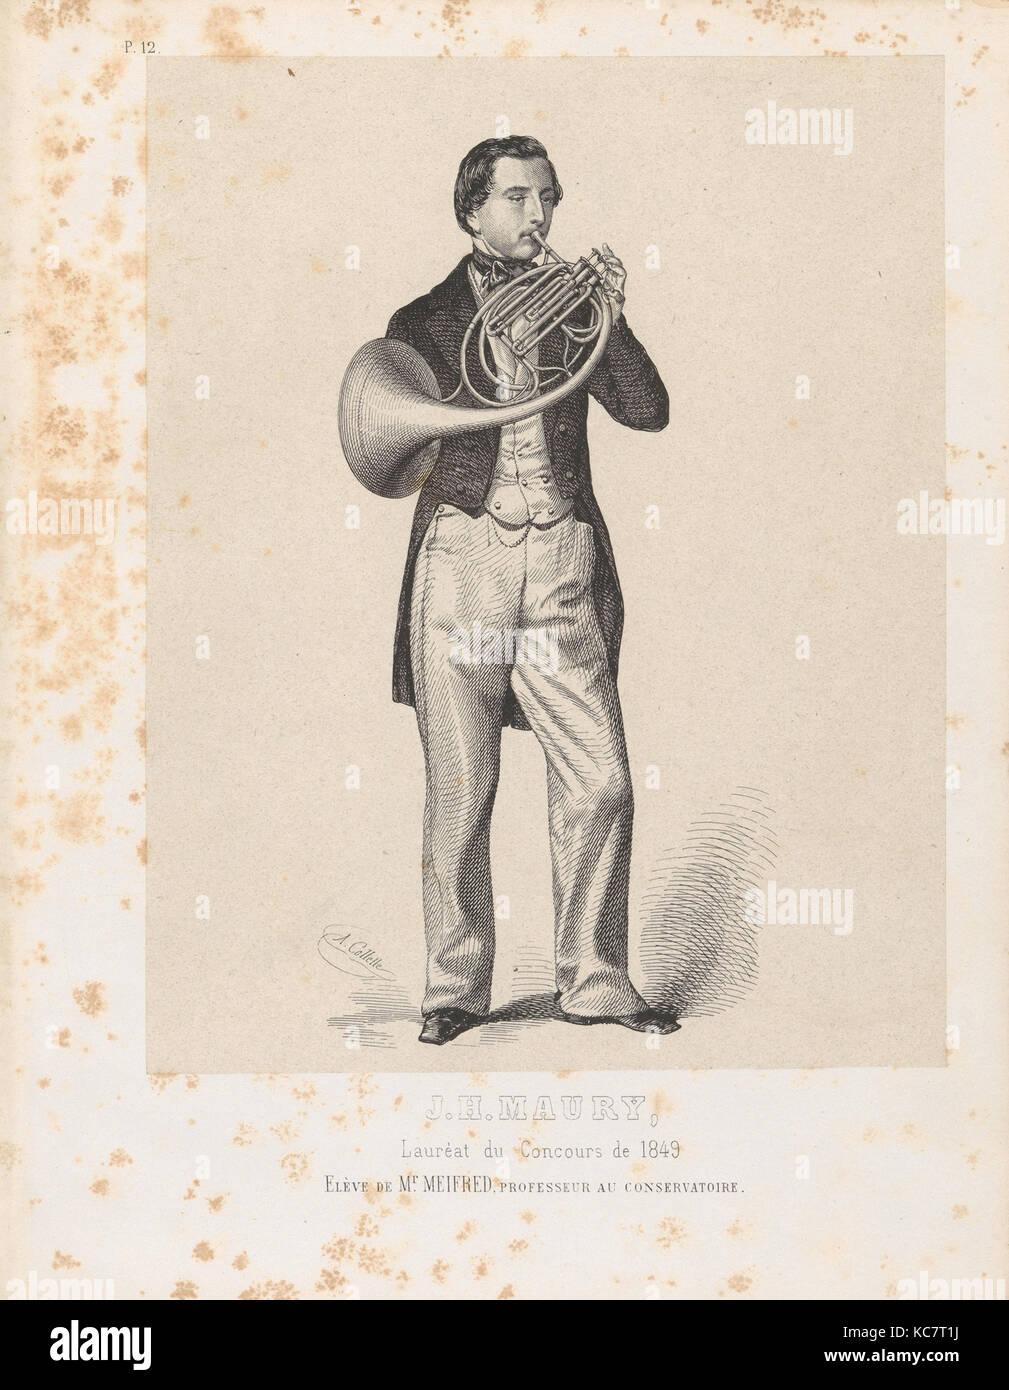 Lastre Litografiche, Alexandre Désiré Collette, 1850 Foto Stock